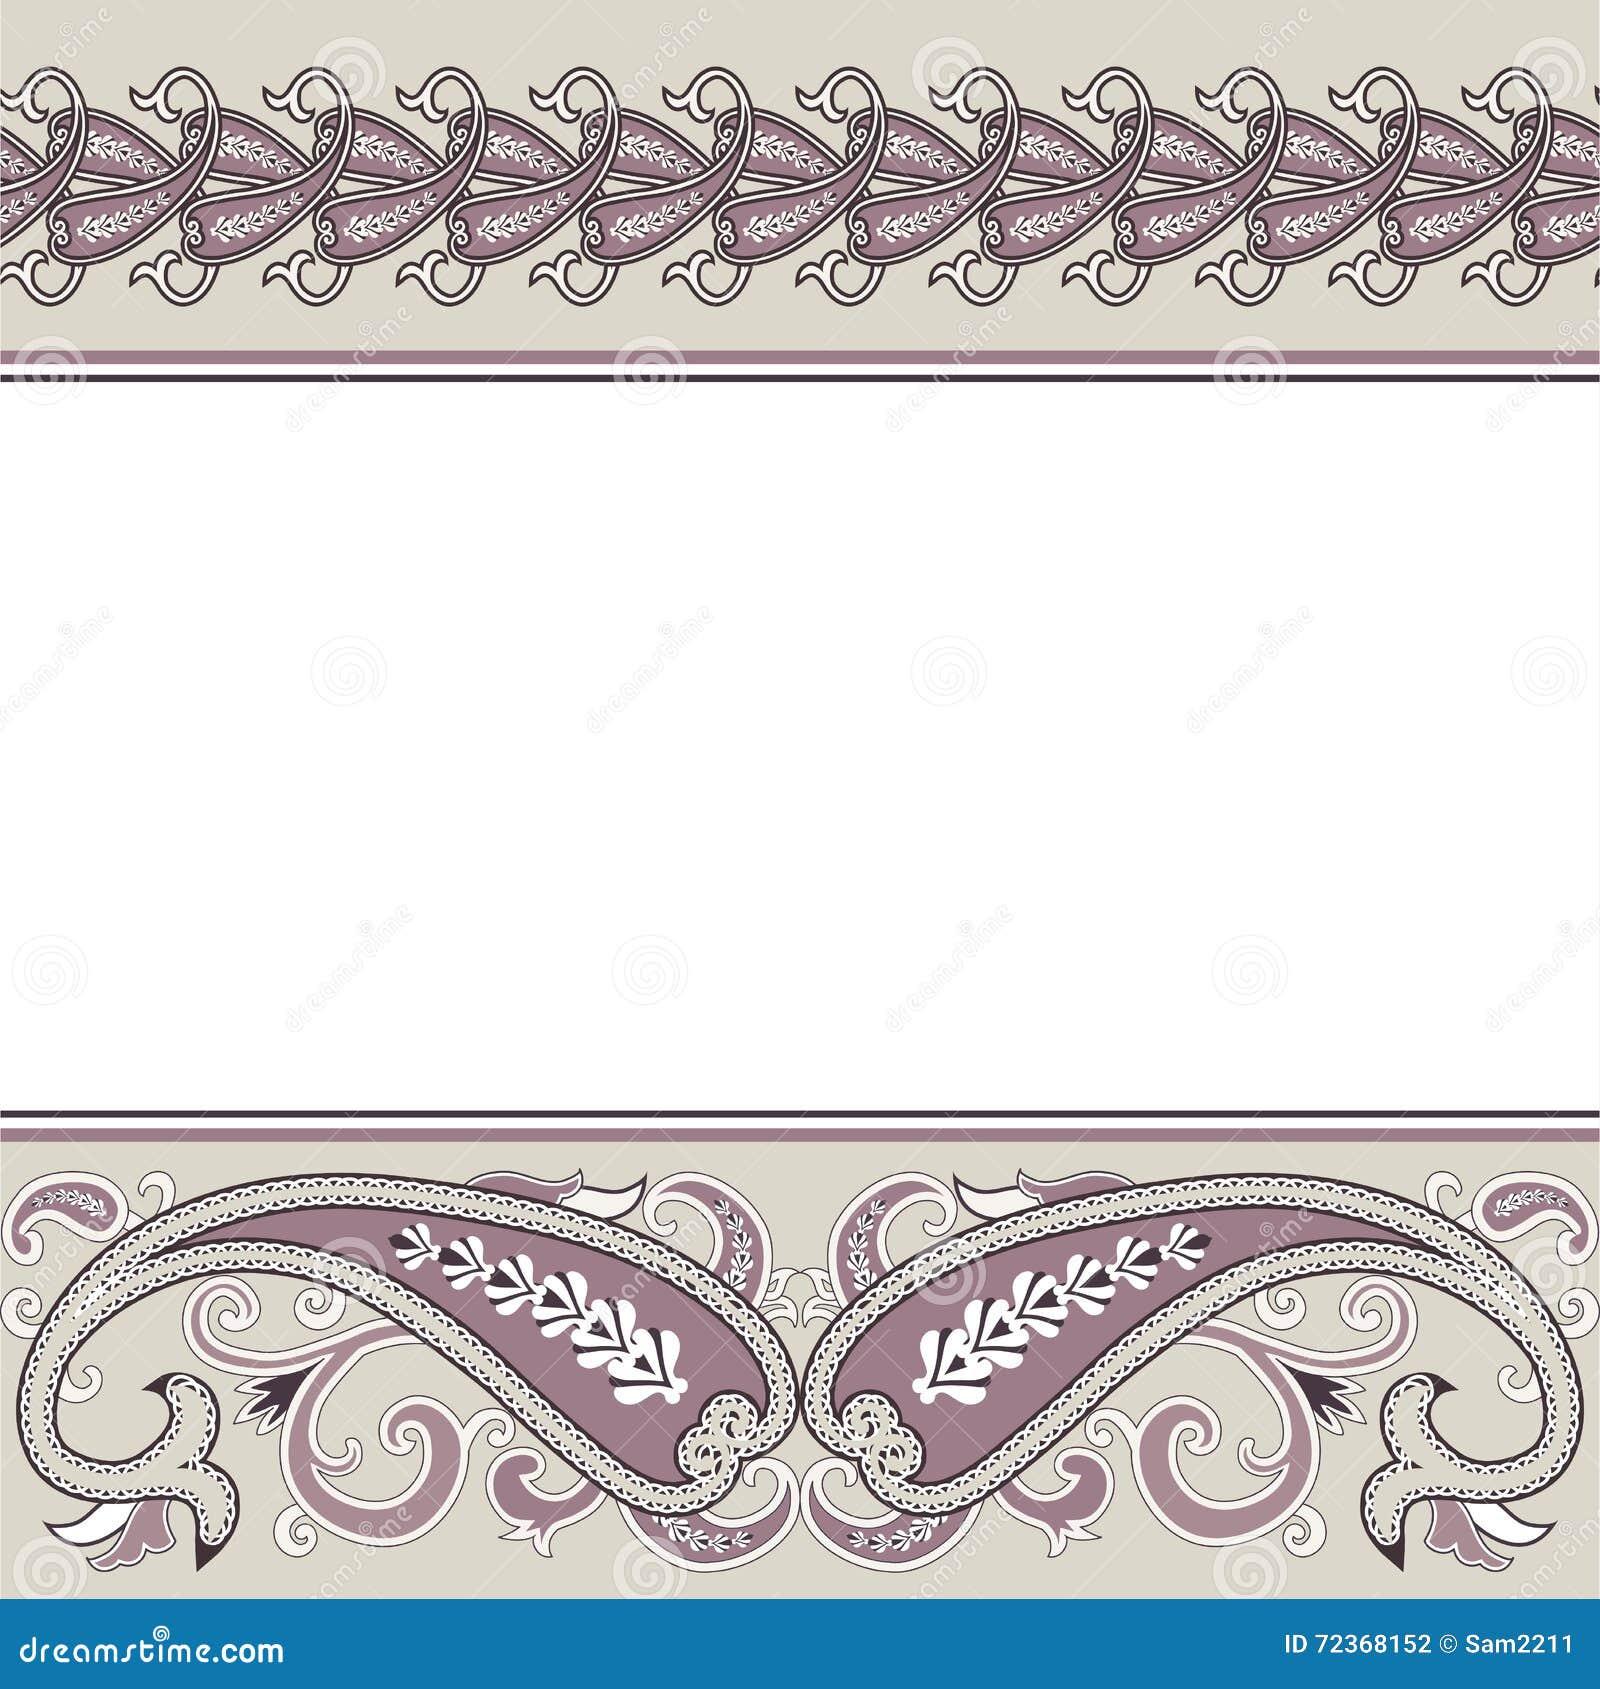 Hochzeitseinladungskarte mit ethnischer Blumenpaisley-Verzierung